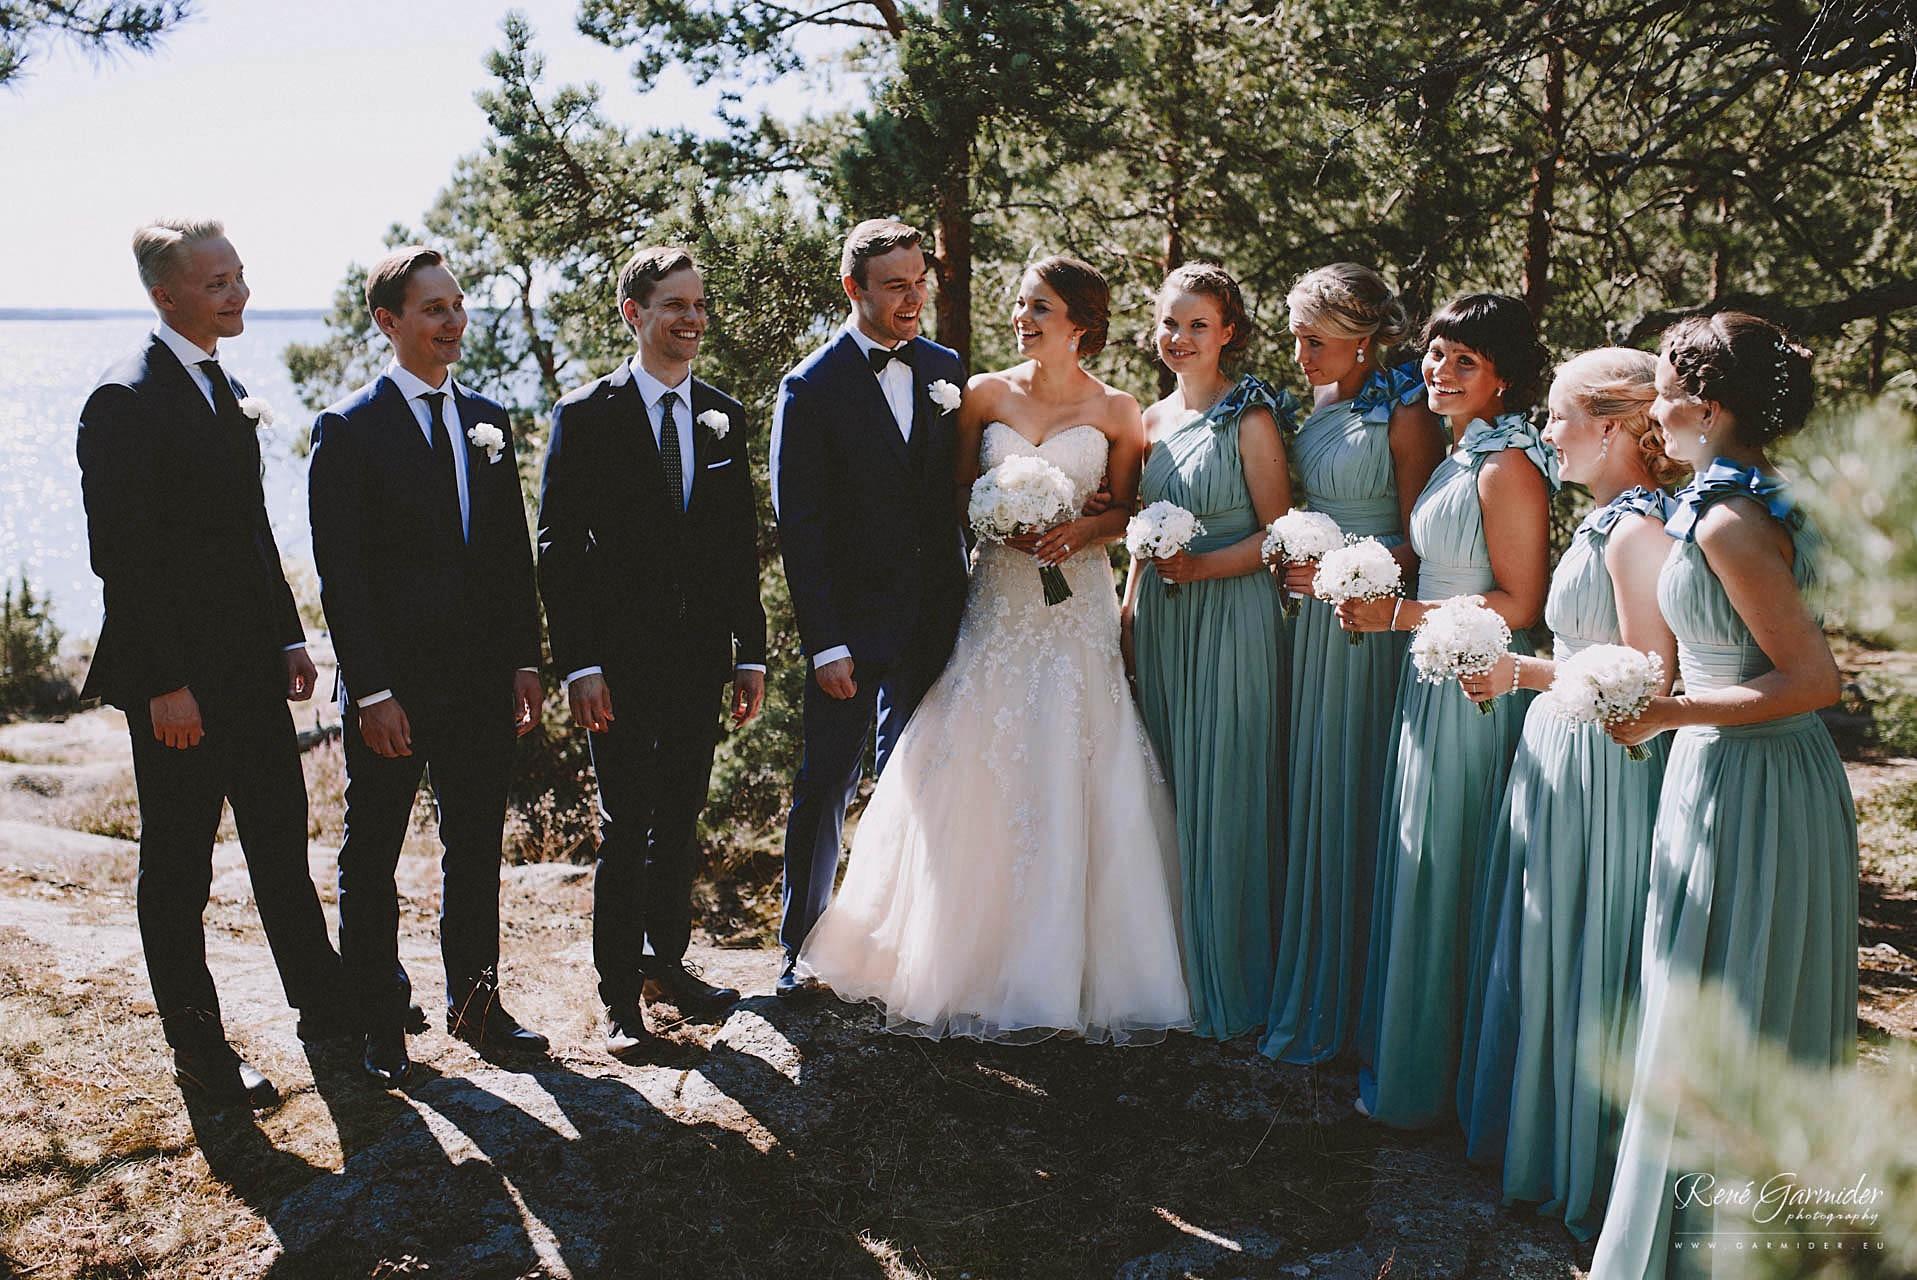 destination-wedding-photography-finland-miljookuvaus-haakuvaus-haakuvaaja-leena-juri-23